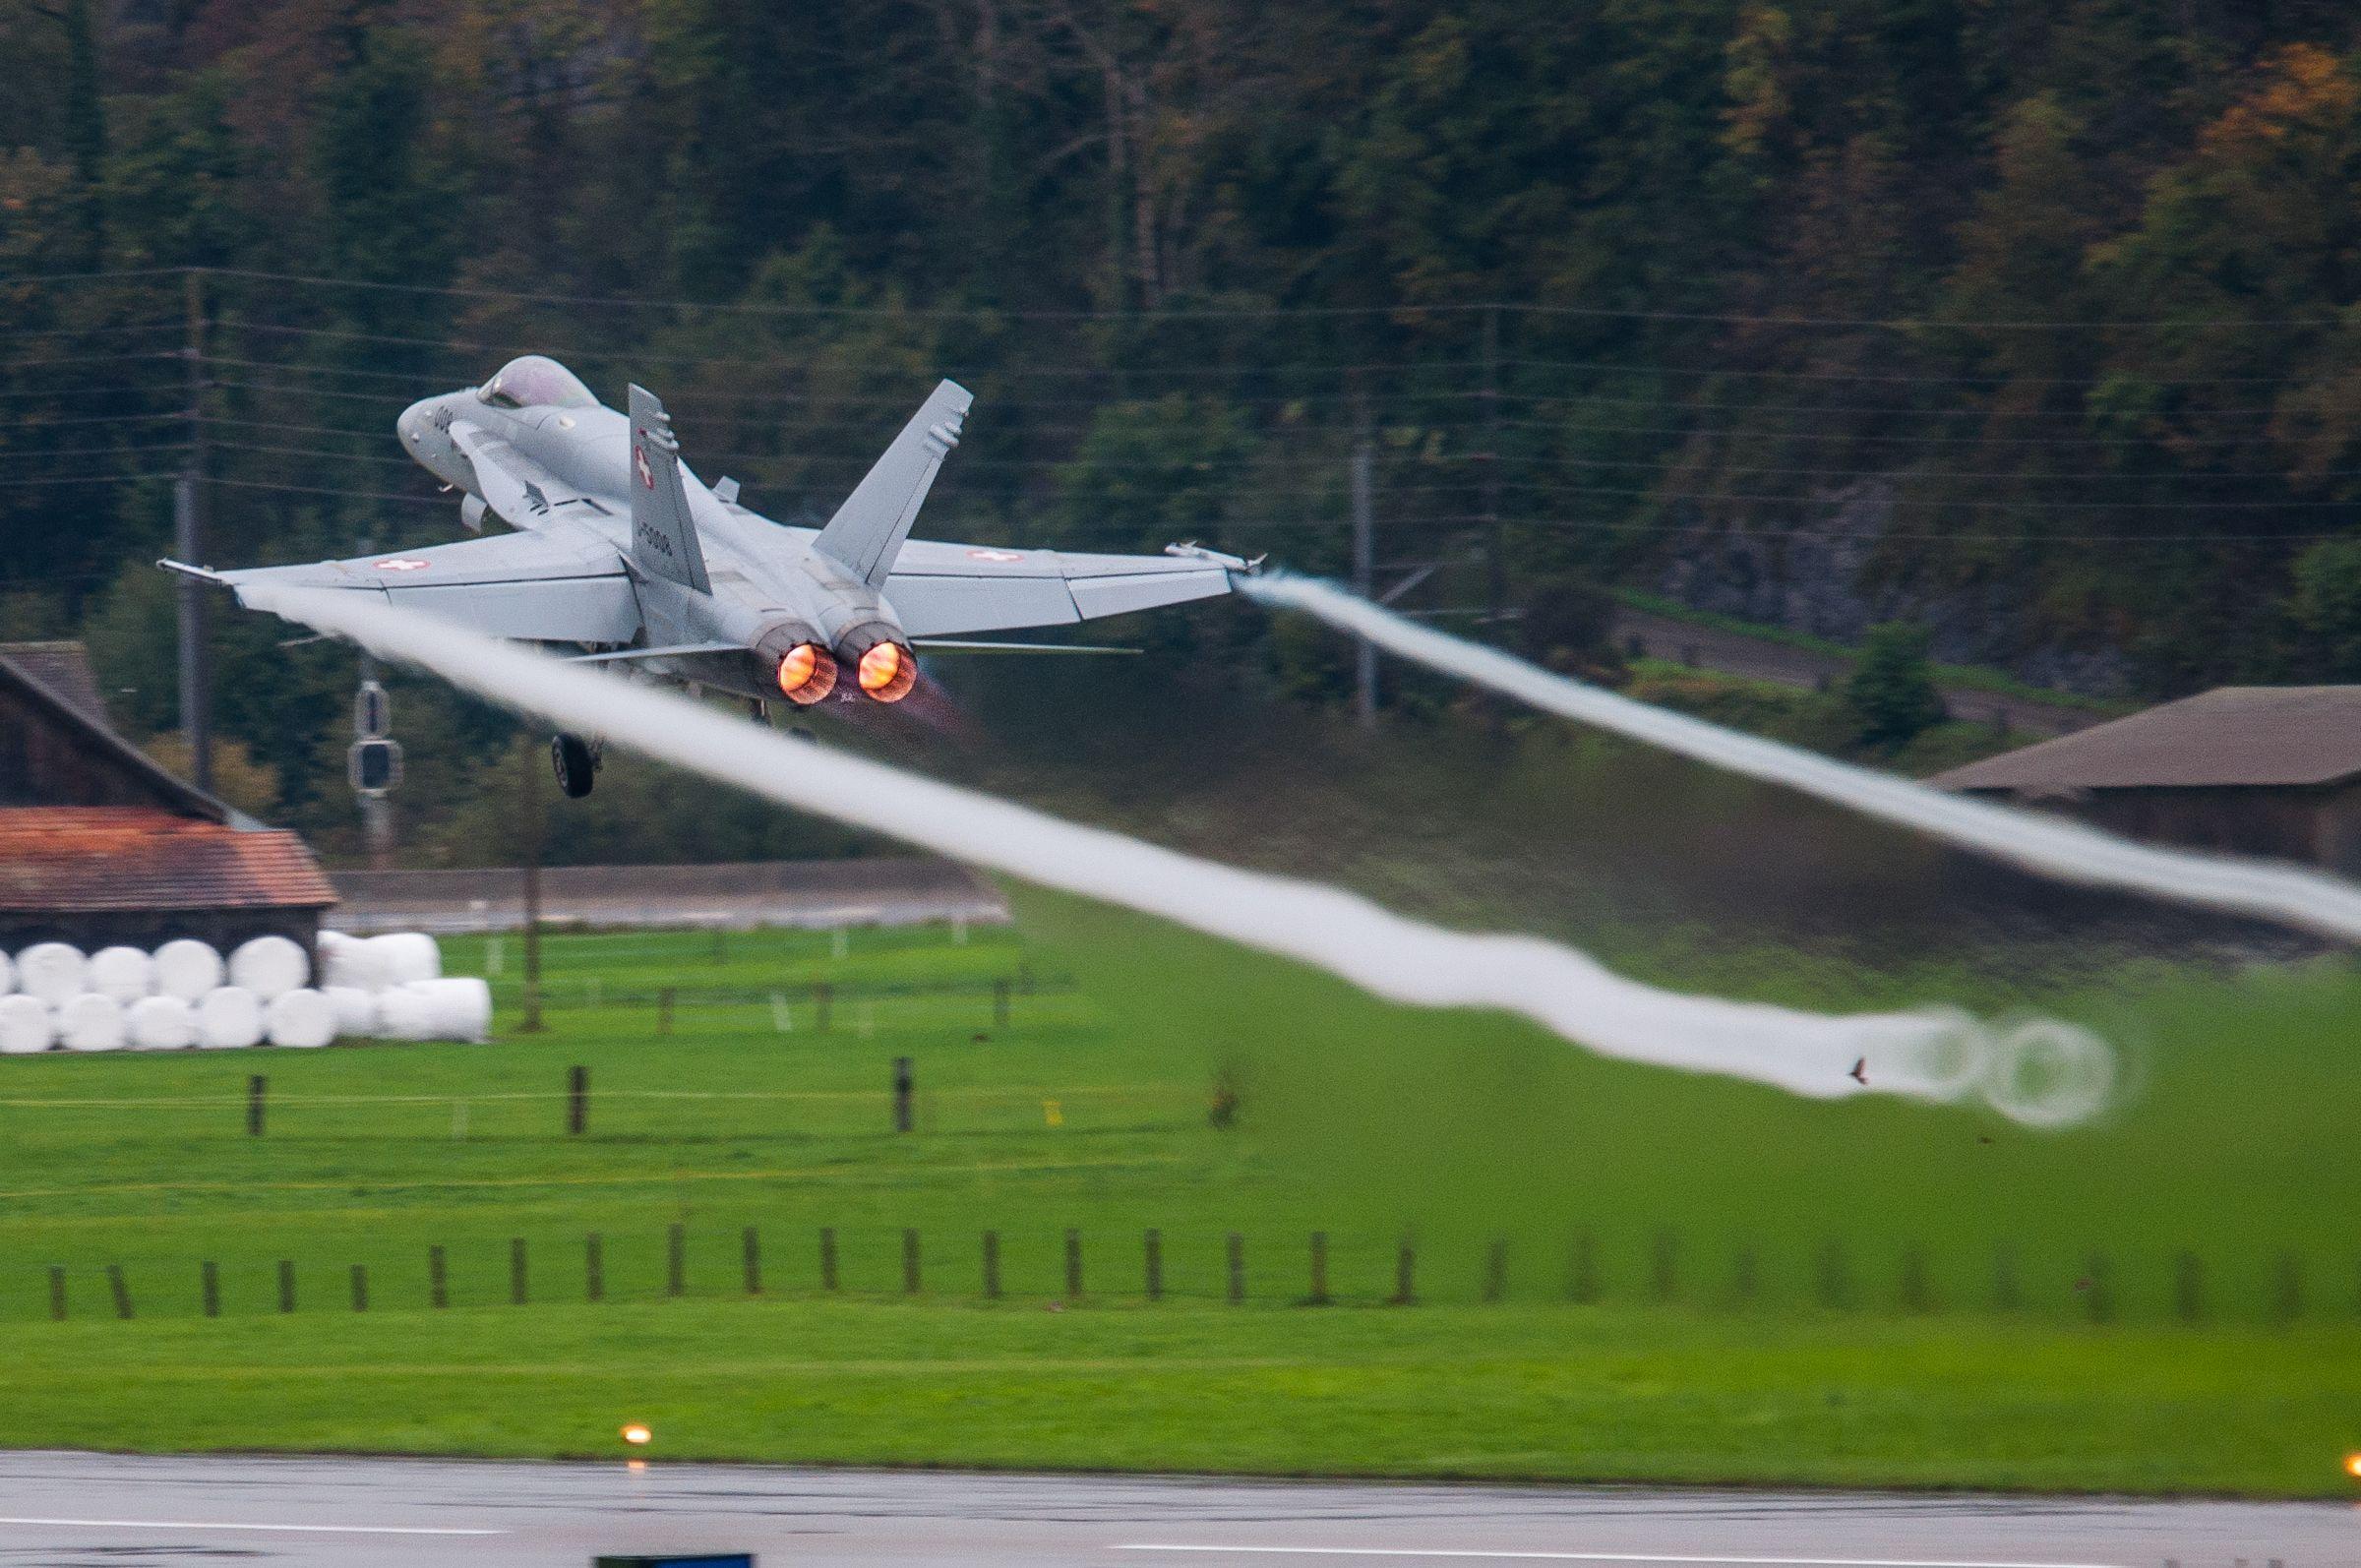 Air force live fire event Axalp 2012 - 10-11 Oct 2012 - Pagina 2 000155